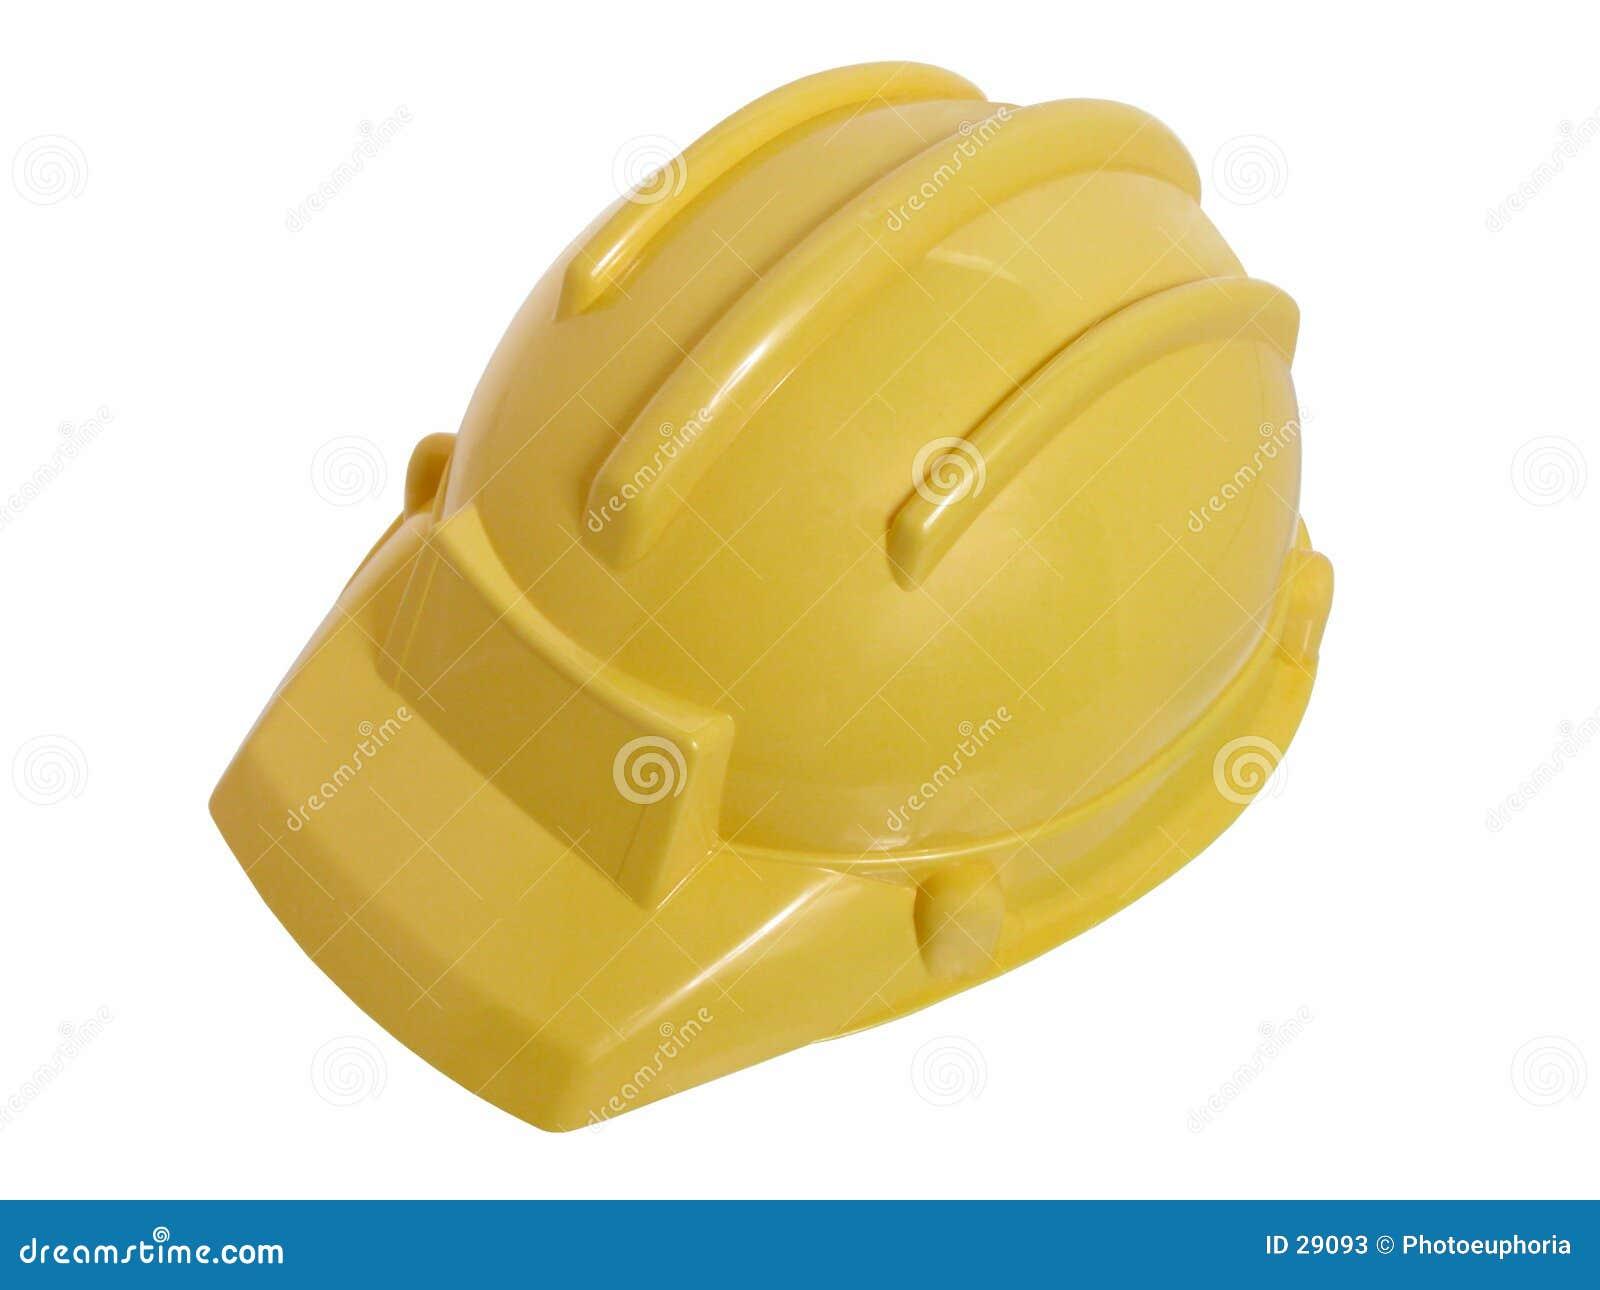 Juguetes: Casco amarillo de la construcción